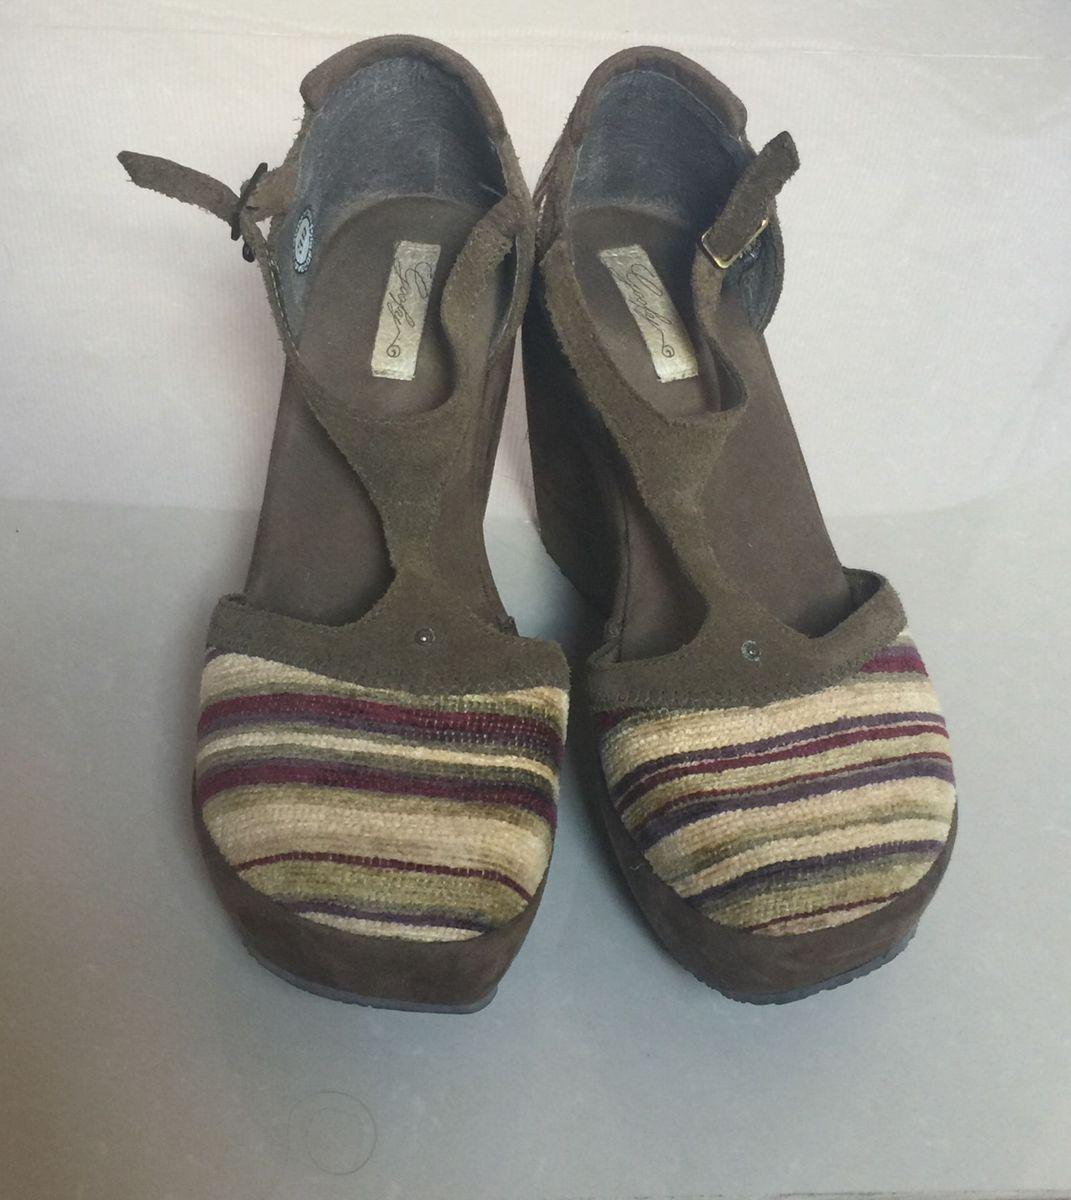 1c6c07526 sapato inverno goofy - sapatos goofy.  Czm6ly9wag90b3muzw5qb2vplmnvbs5ici9wcm9kdwn0cy84mdewmzcvzjizotflzgy3ytc1nwnmywizmwzhyzjimtmxodq1ogmuanbn